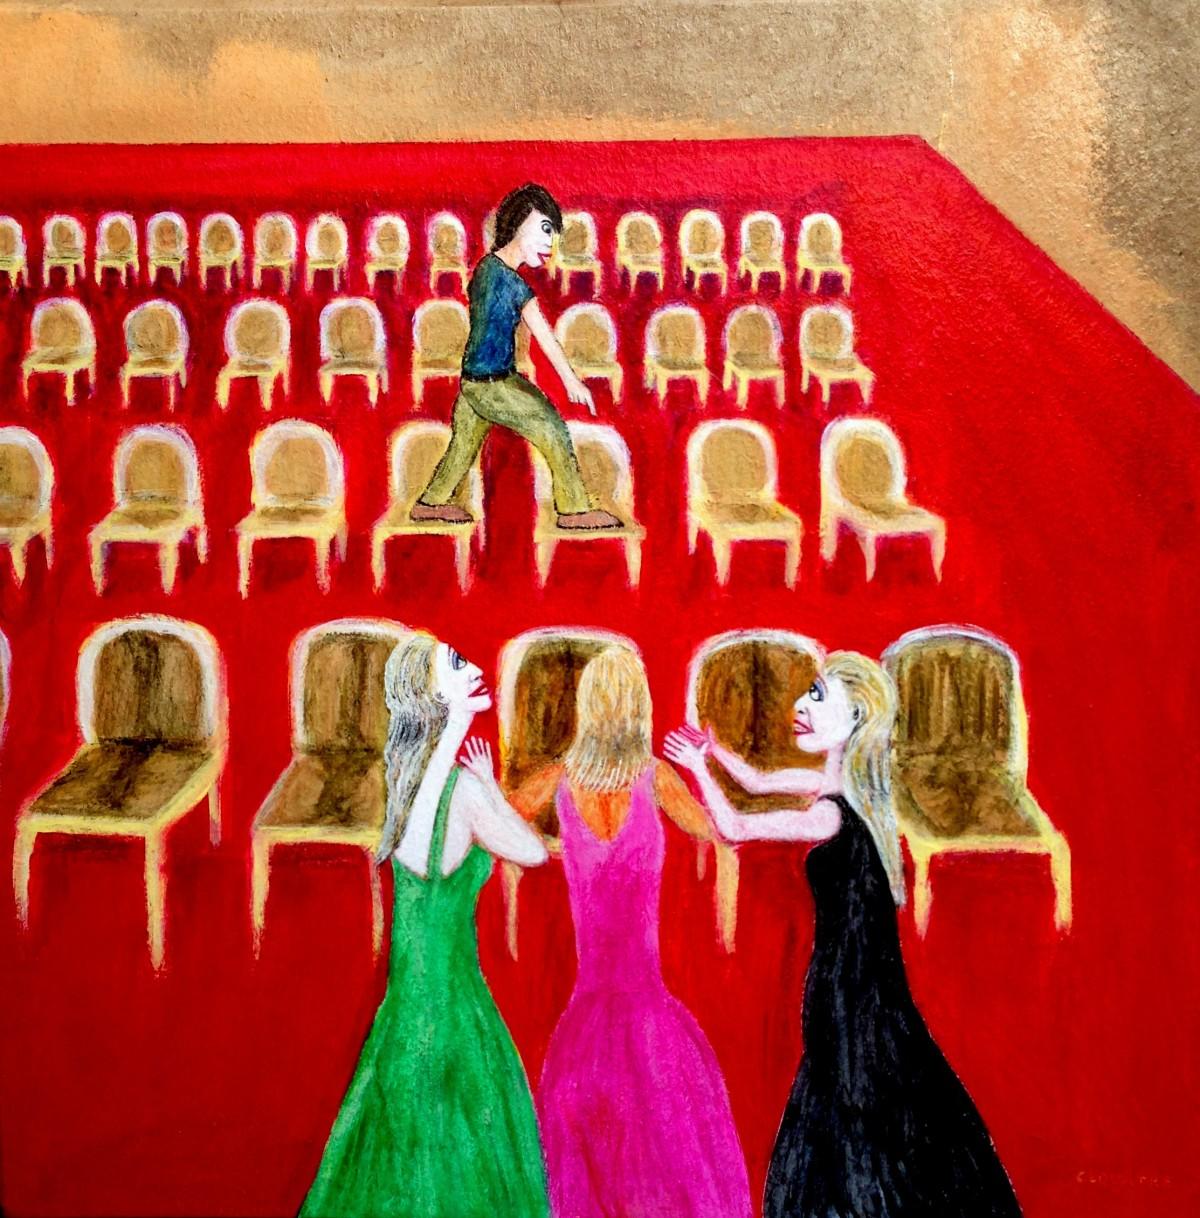 André Clouâtre, Histoire des chaises, Acrylique, 36'' x 36'', 2015